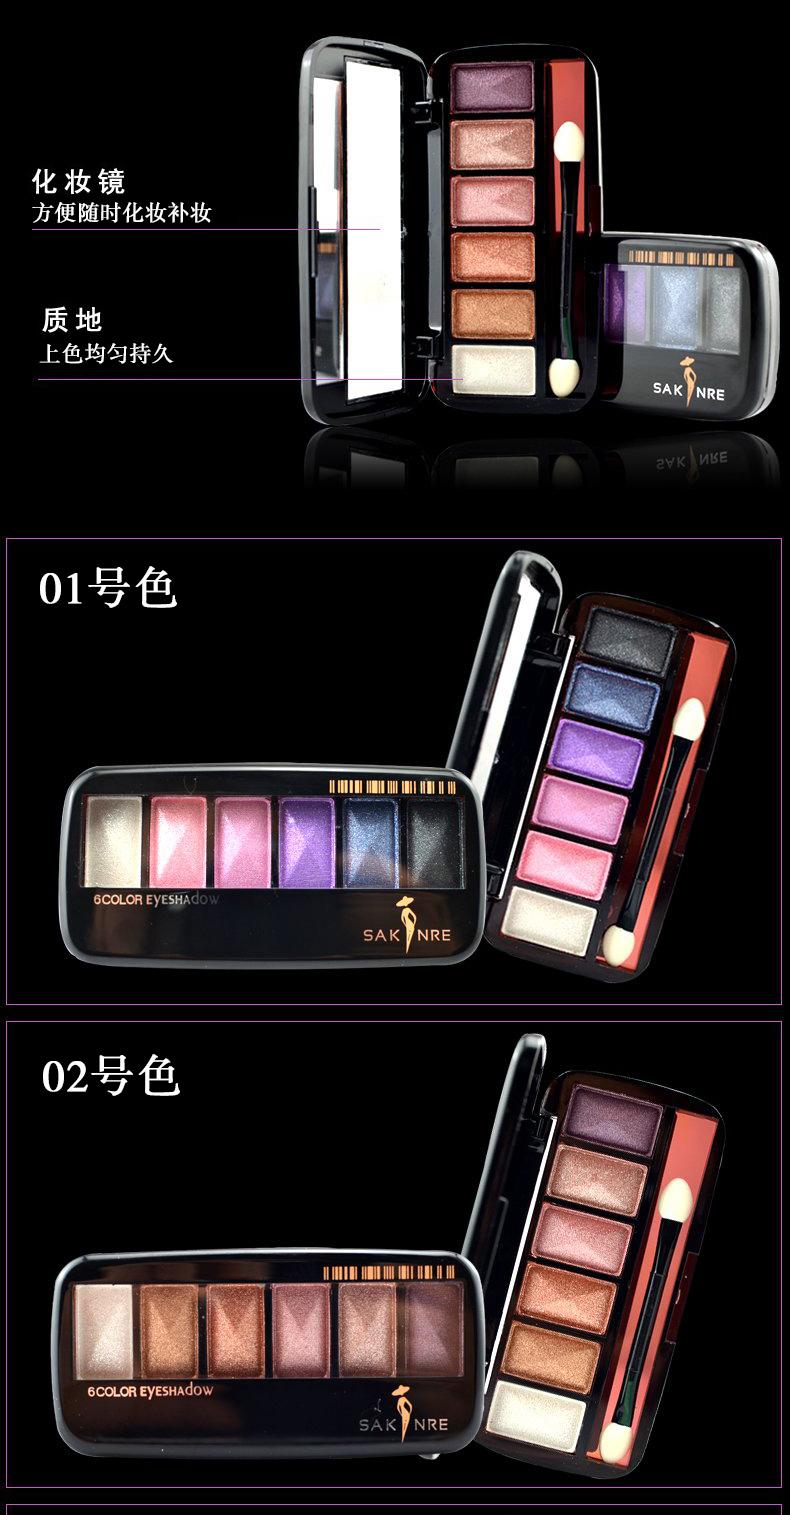 创鸿化妆品专营_Sakinre/莎琪丽品牌产品评情图